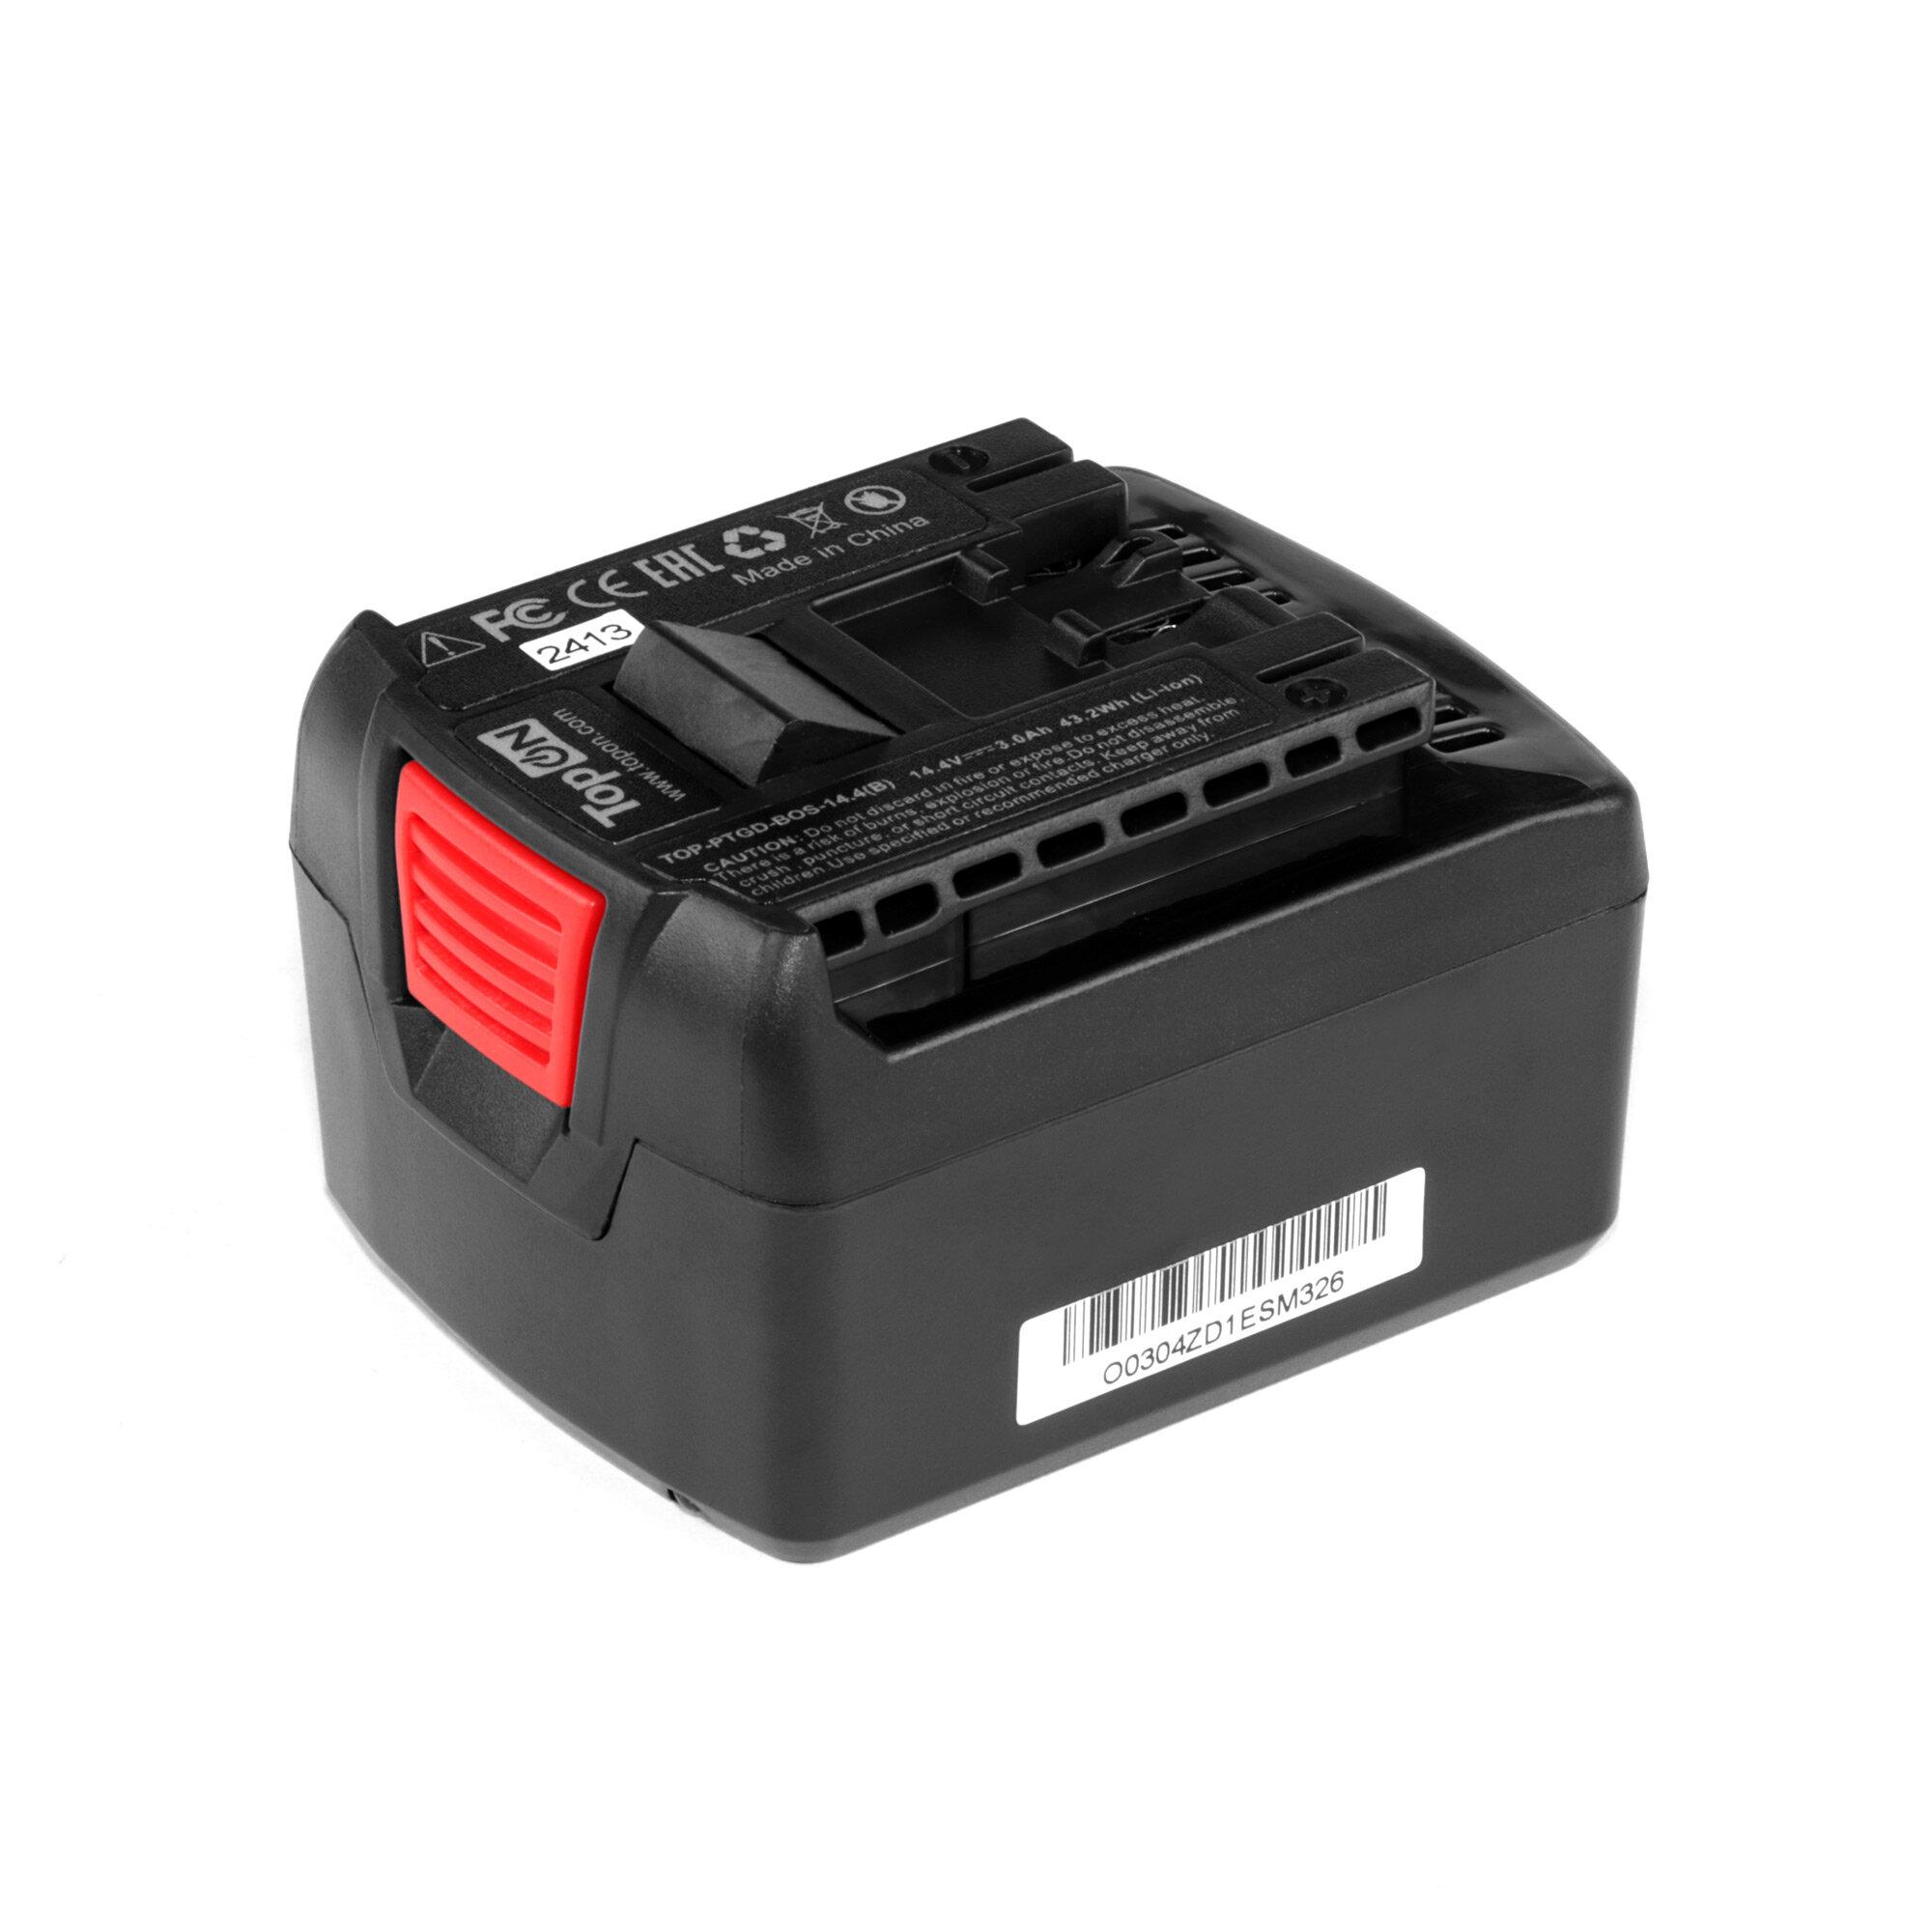 Аккумулятор для Bosch 14.4V 3.0Ah (Li-Ion) GSR 14.4-2 LI, GDR 14.4 V-LI, 25614-01 Series. 2607336078, BAT607.